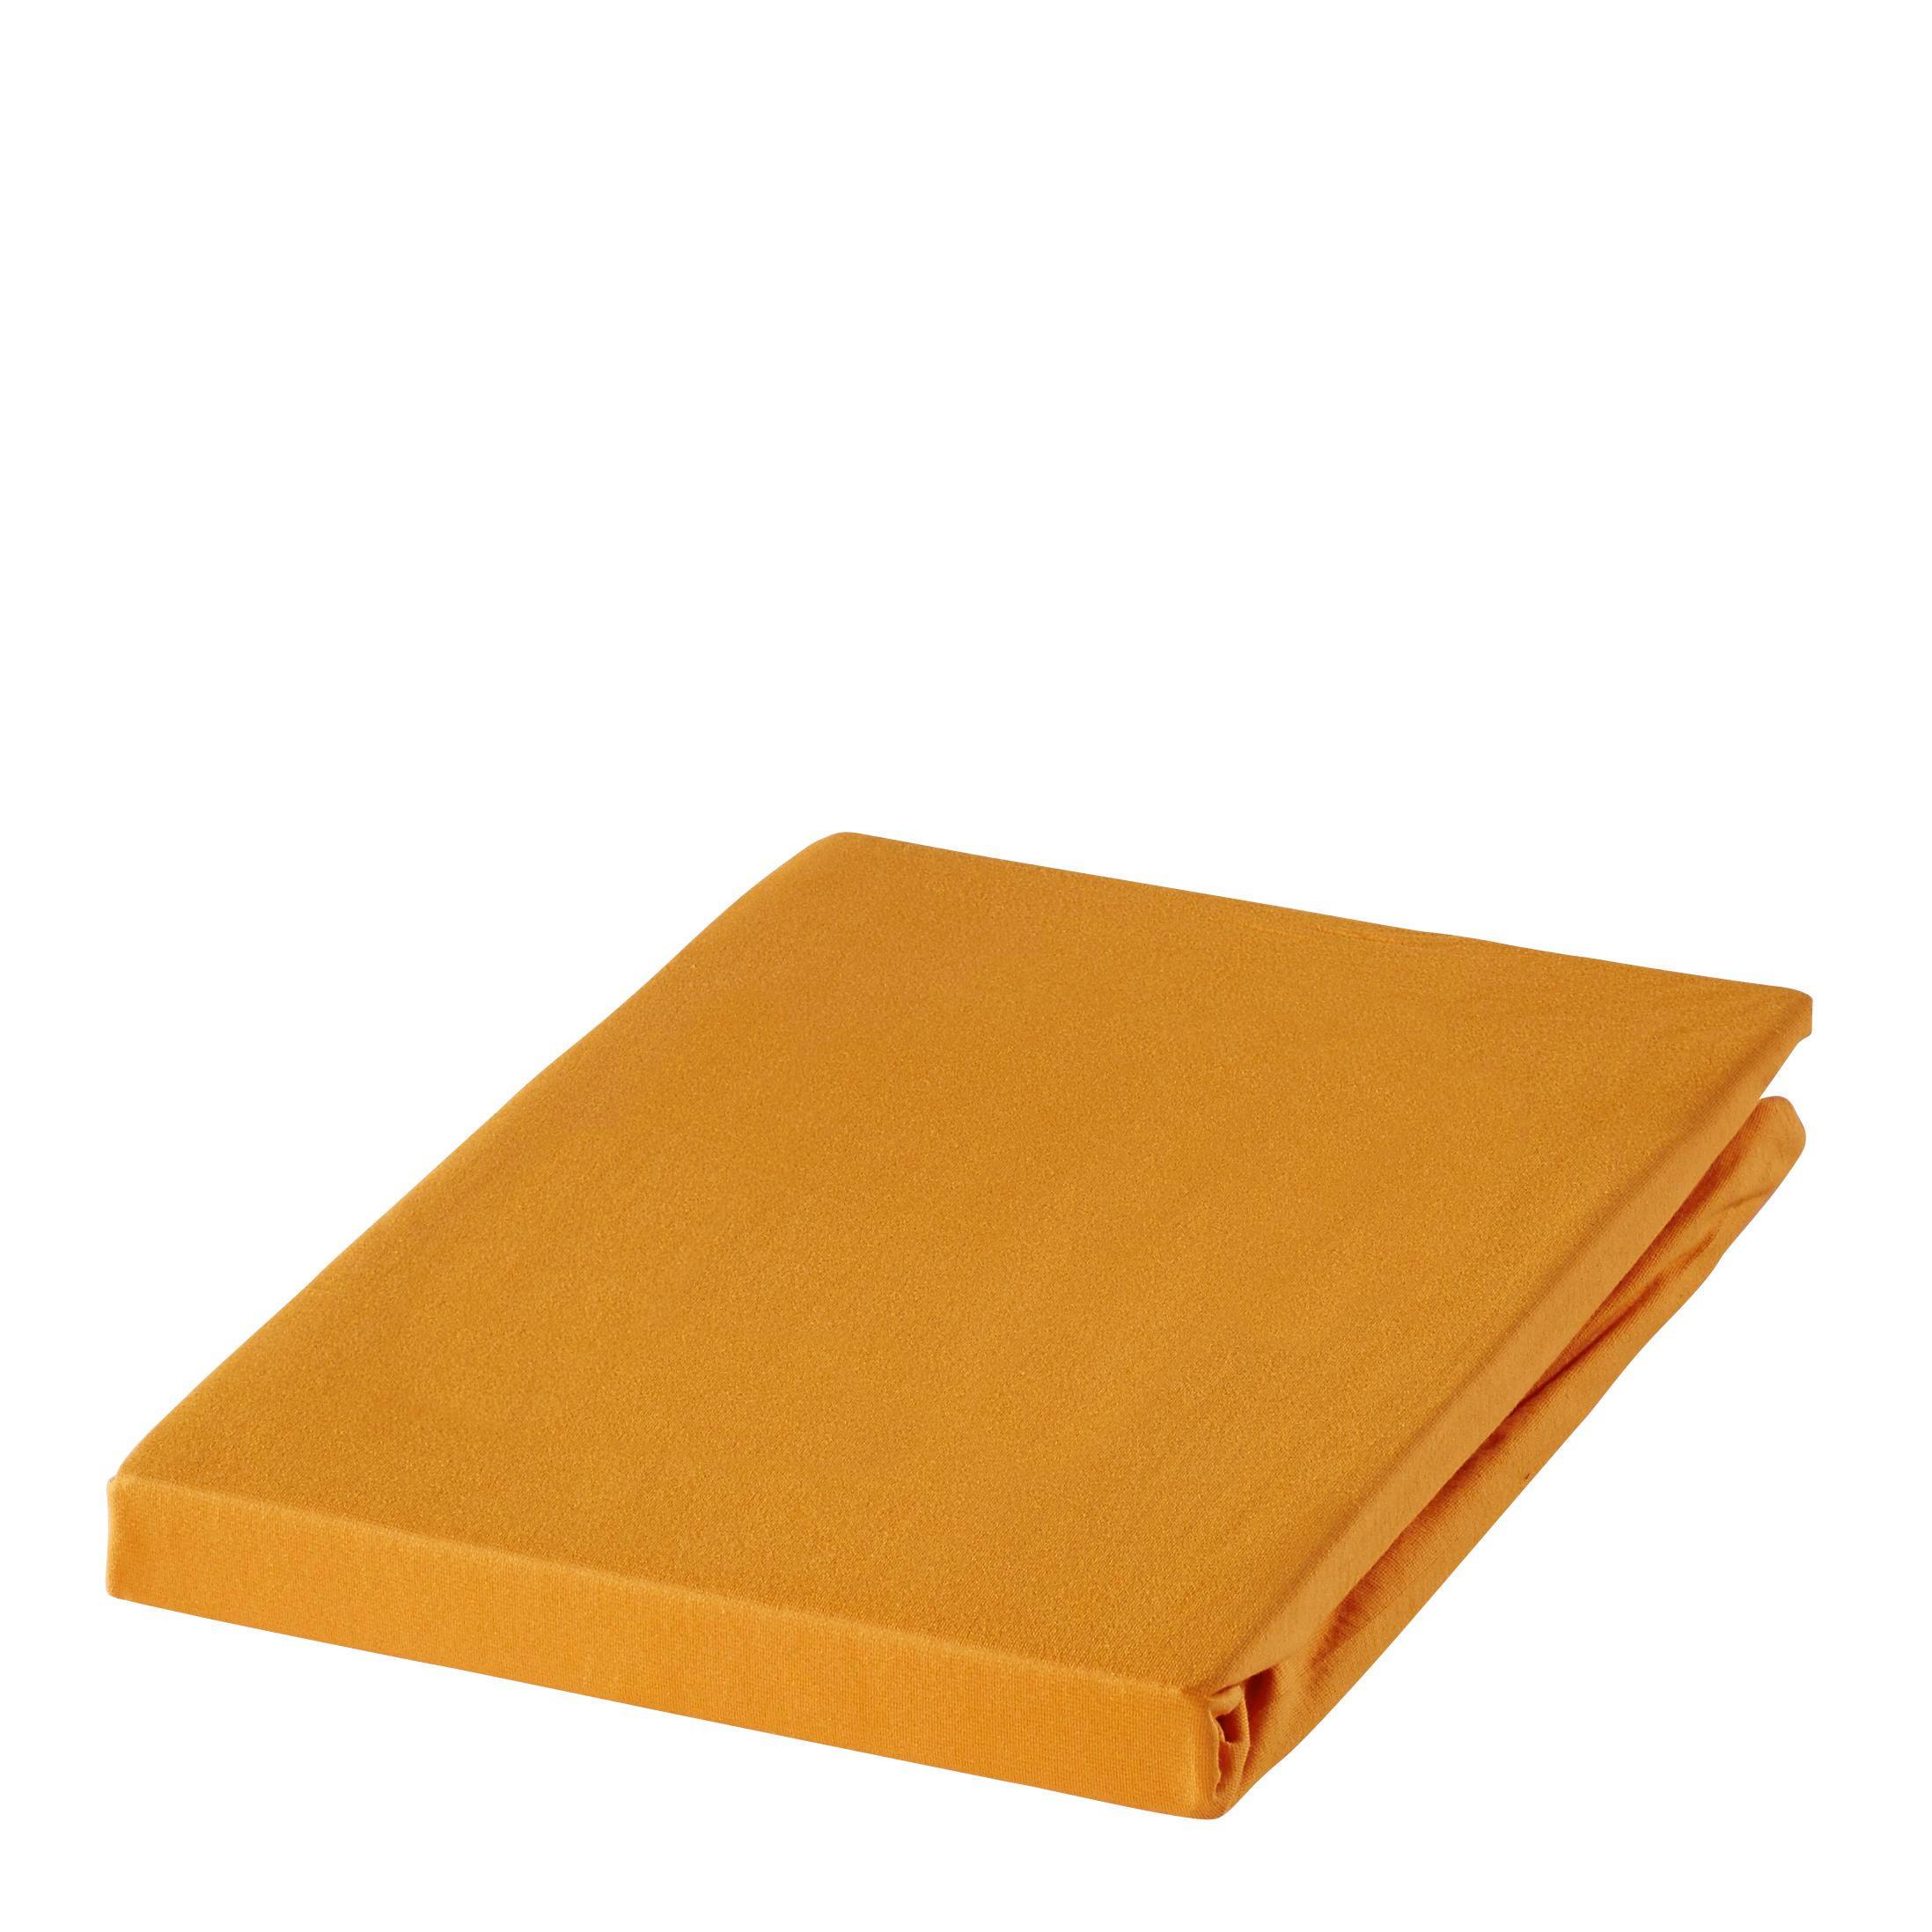 SPANNBETTTUCH Zwirn-Jersey Orange bügelfrei, für Wasserbetten geeignet - Orange, Basics, Textil (150/200cm) - ESTELLA